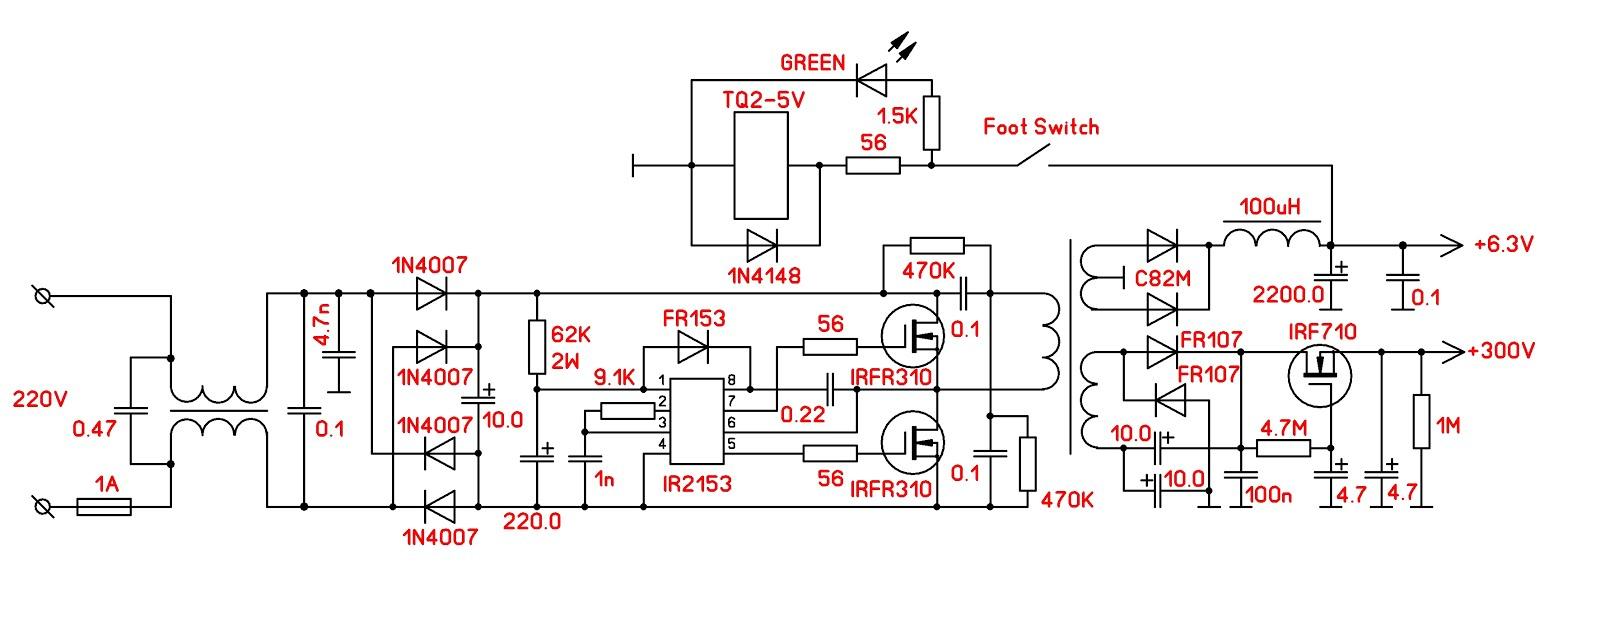 WRG-8096] Westbury Guitar Wiring Diagramt on